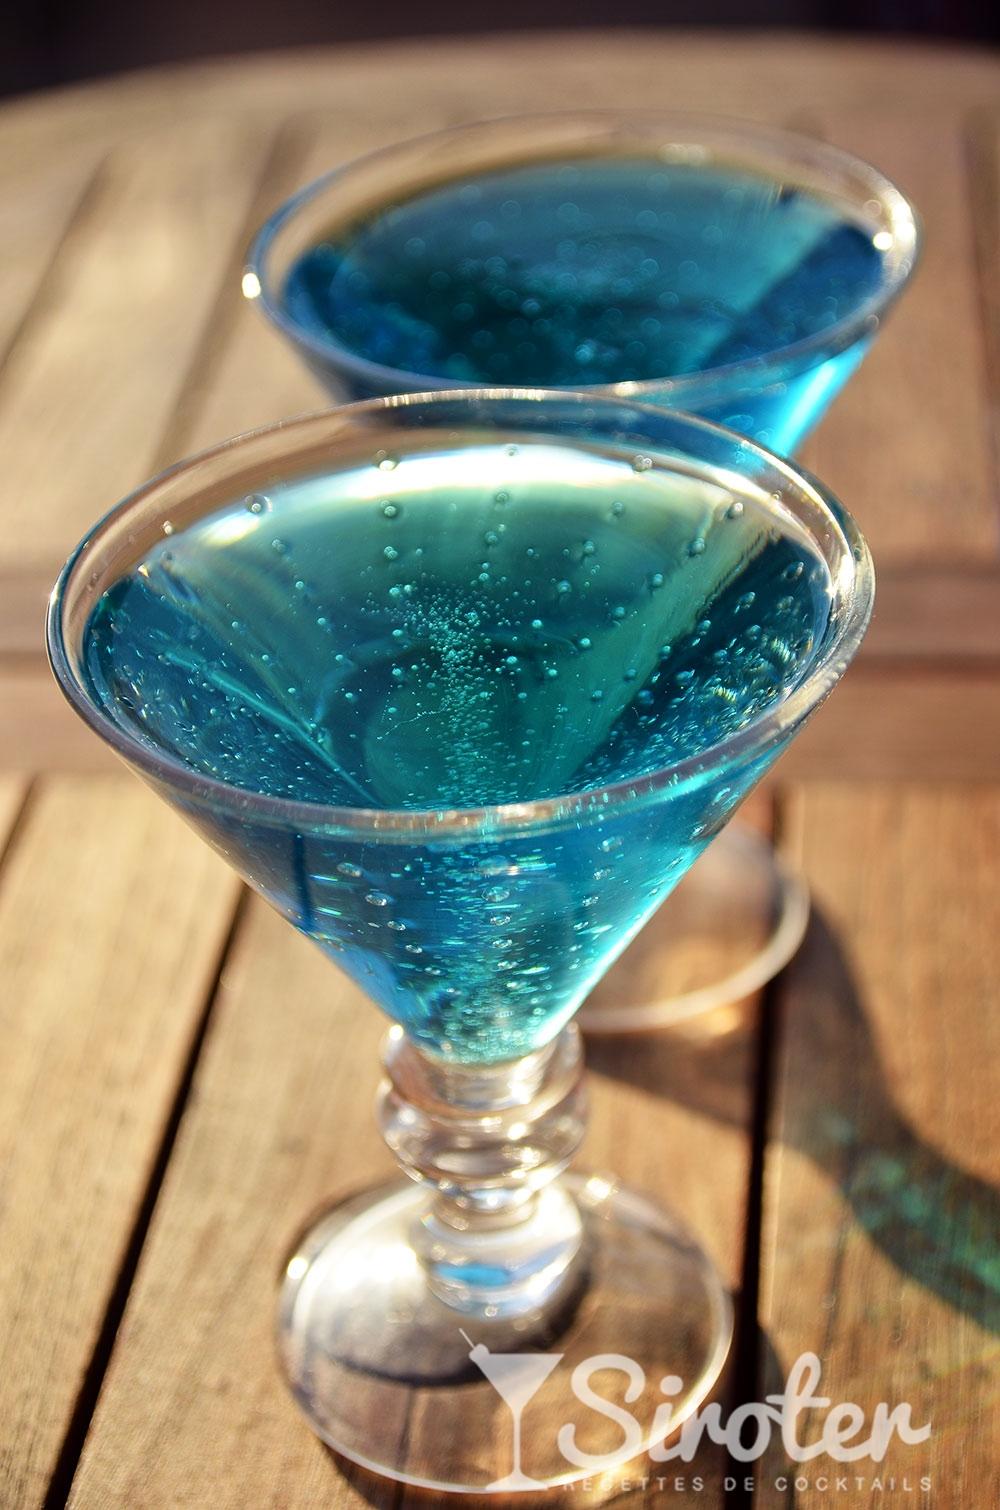 Cocktail trinidad recette pr paration et avis for Cocktail preparation